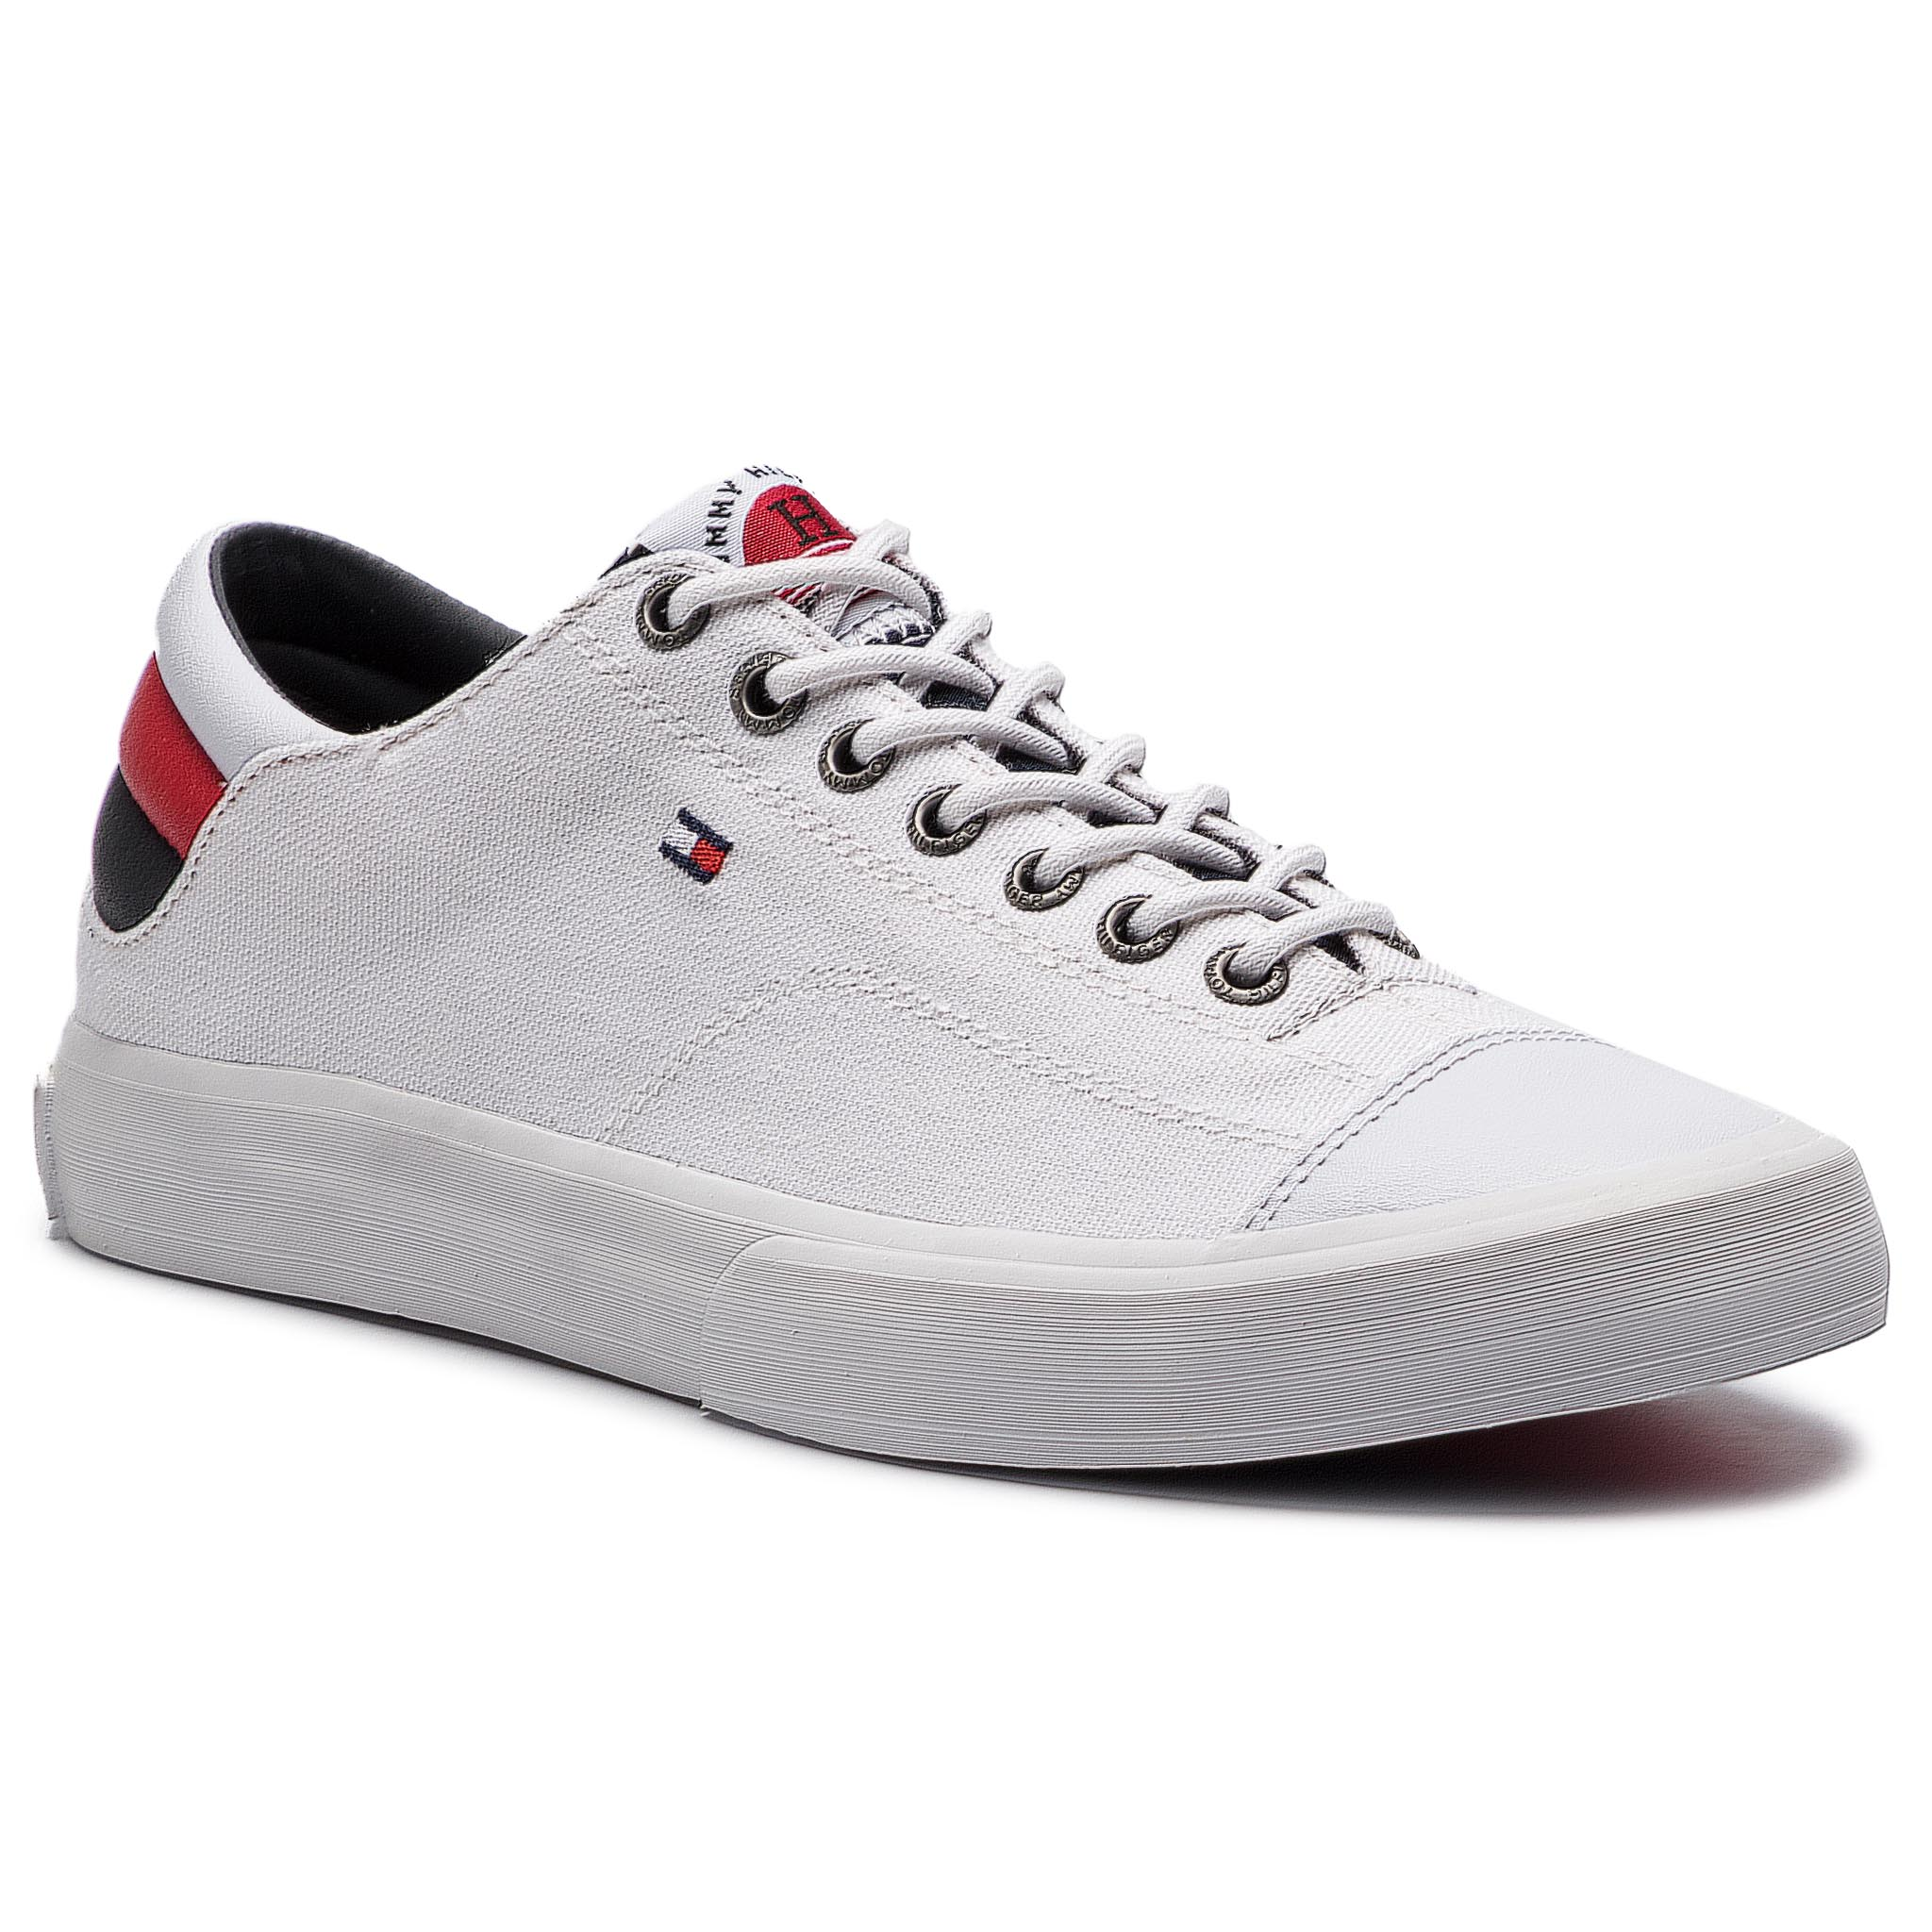 65d672b6a82e Tenisky TOMMY HILFIGER - Long Lace Sneaker FM0FM01947 White 100 ...